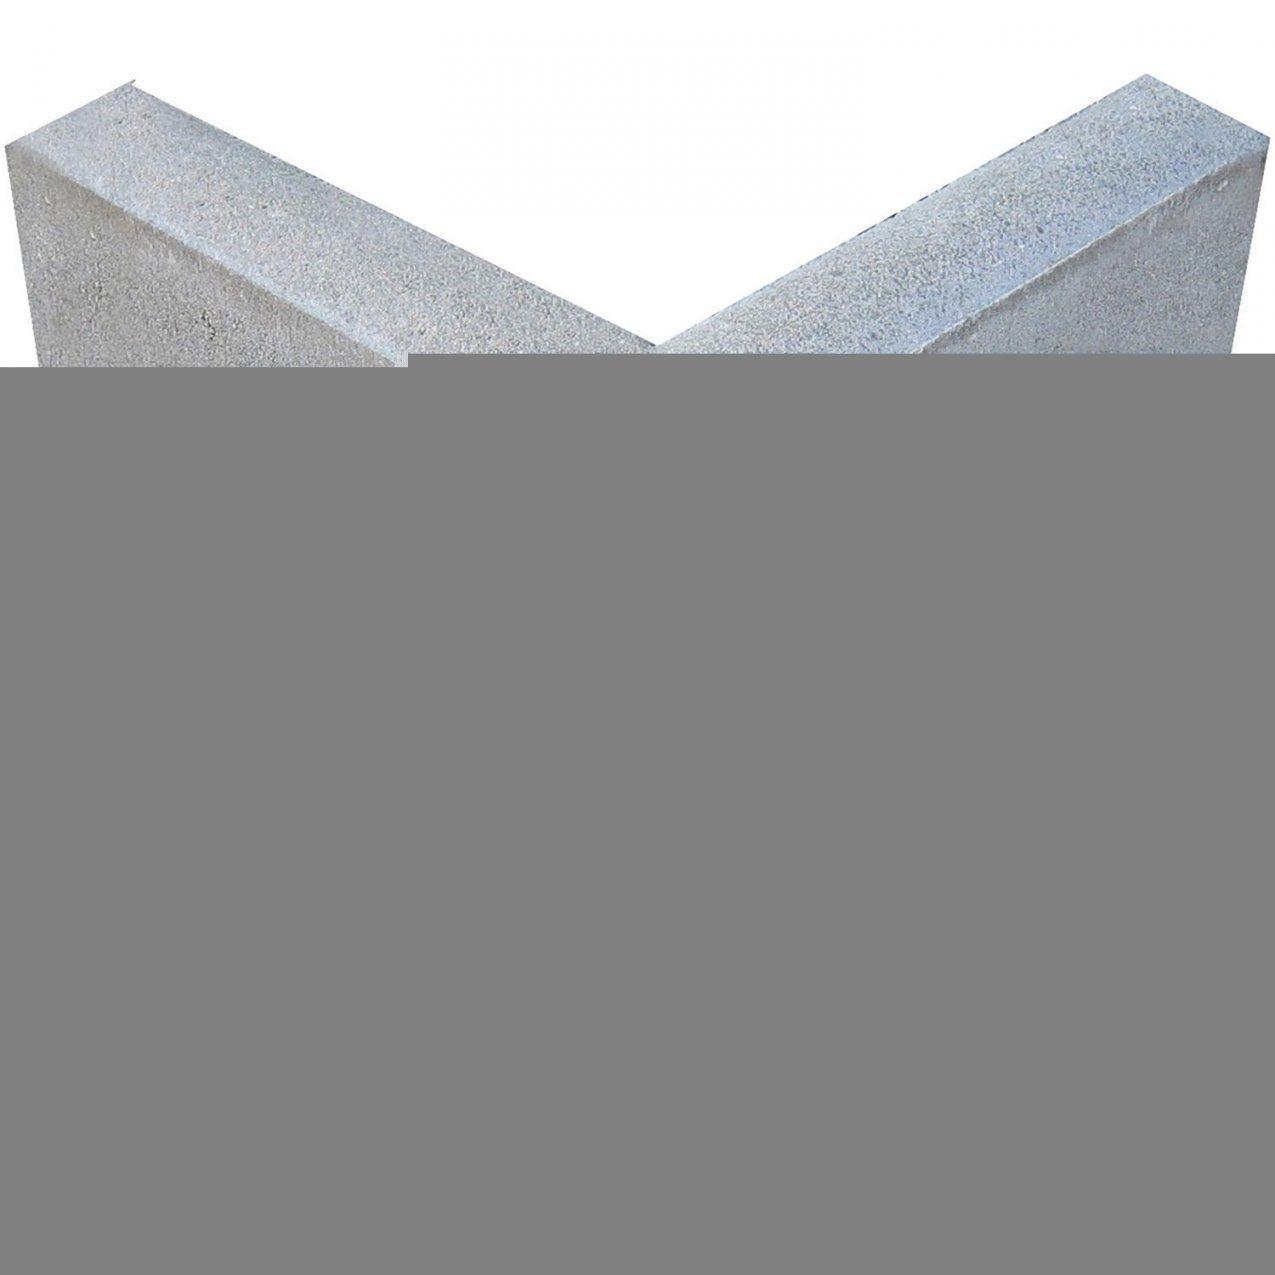 Eckstein Grau 90 Gradecke 25 Cm X 25 Cm X 5 Cm Kaufen Bei Obi von Beton U Steine Obi Photo